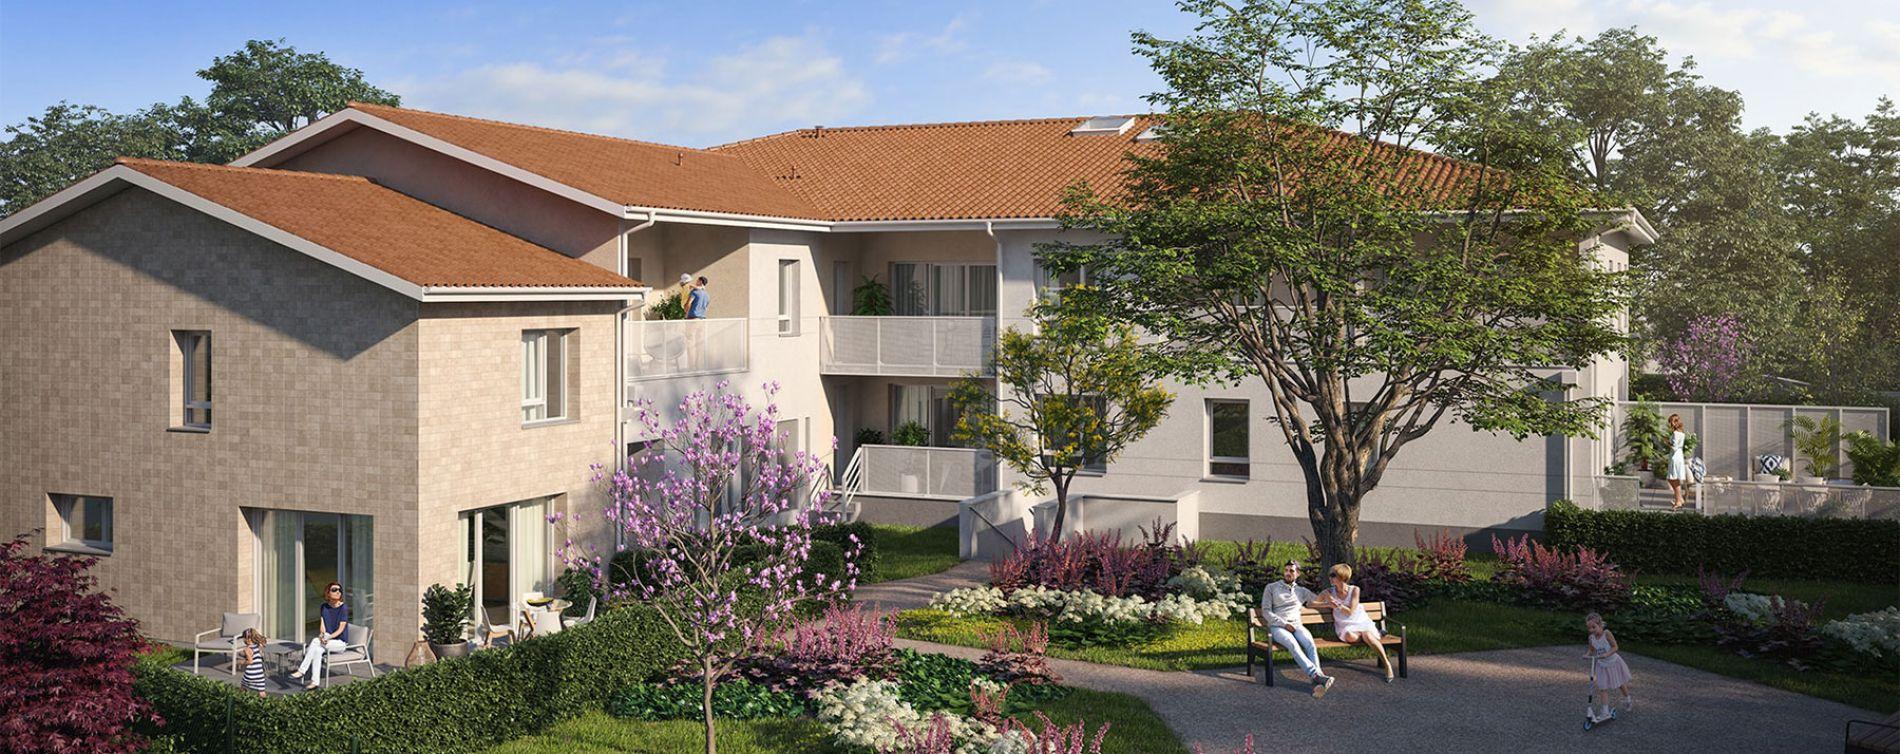 Villenave-d'Ornon : programme immobilier neuve « Le Jardin d'Amanieu »